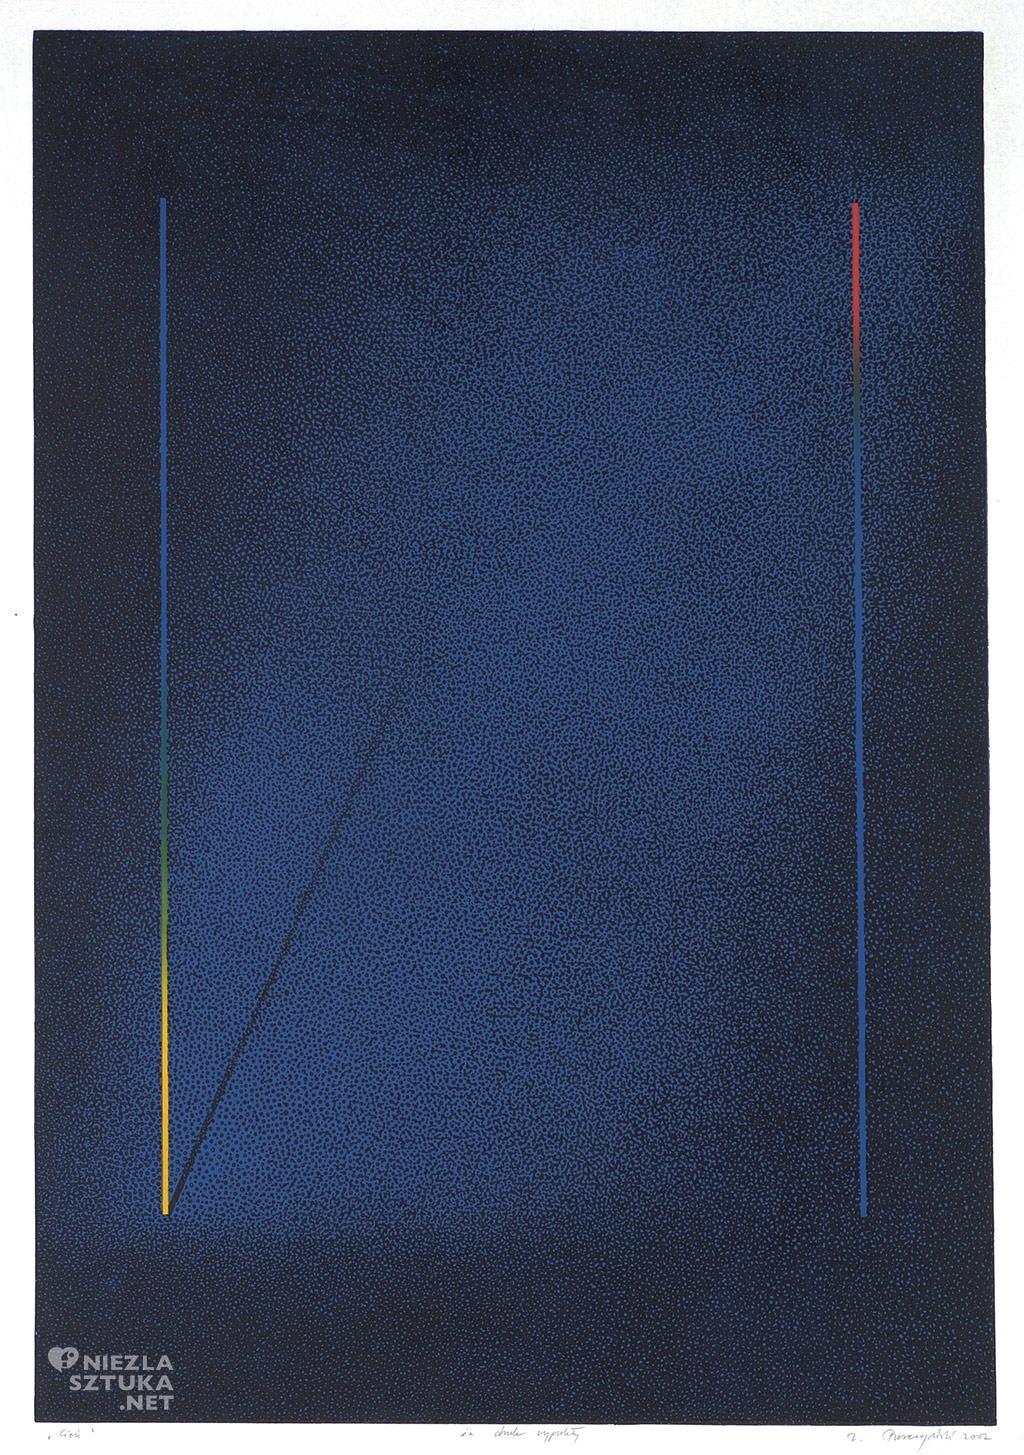 Zbigniew Purczyński Cień   2002, druk wypukły kolor, 88 × 60